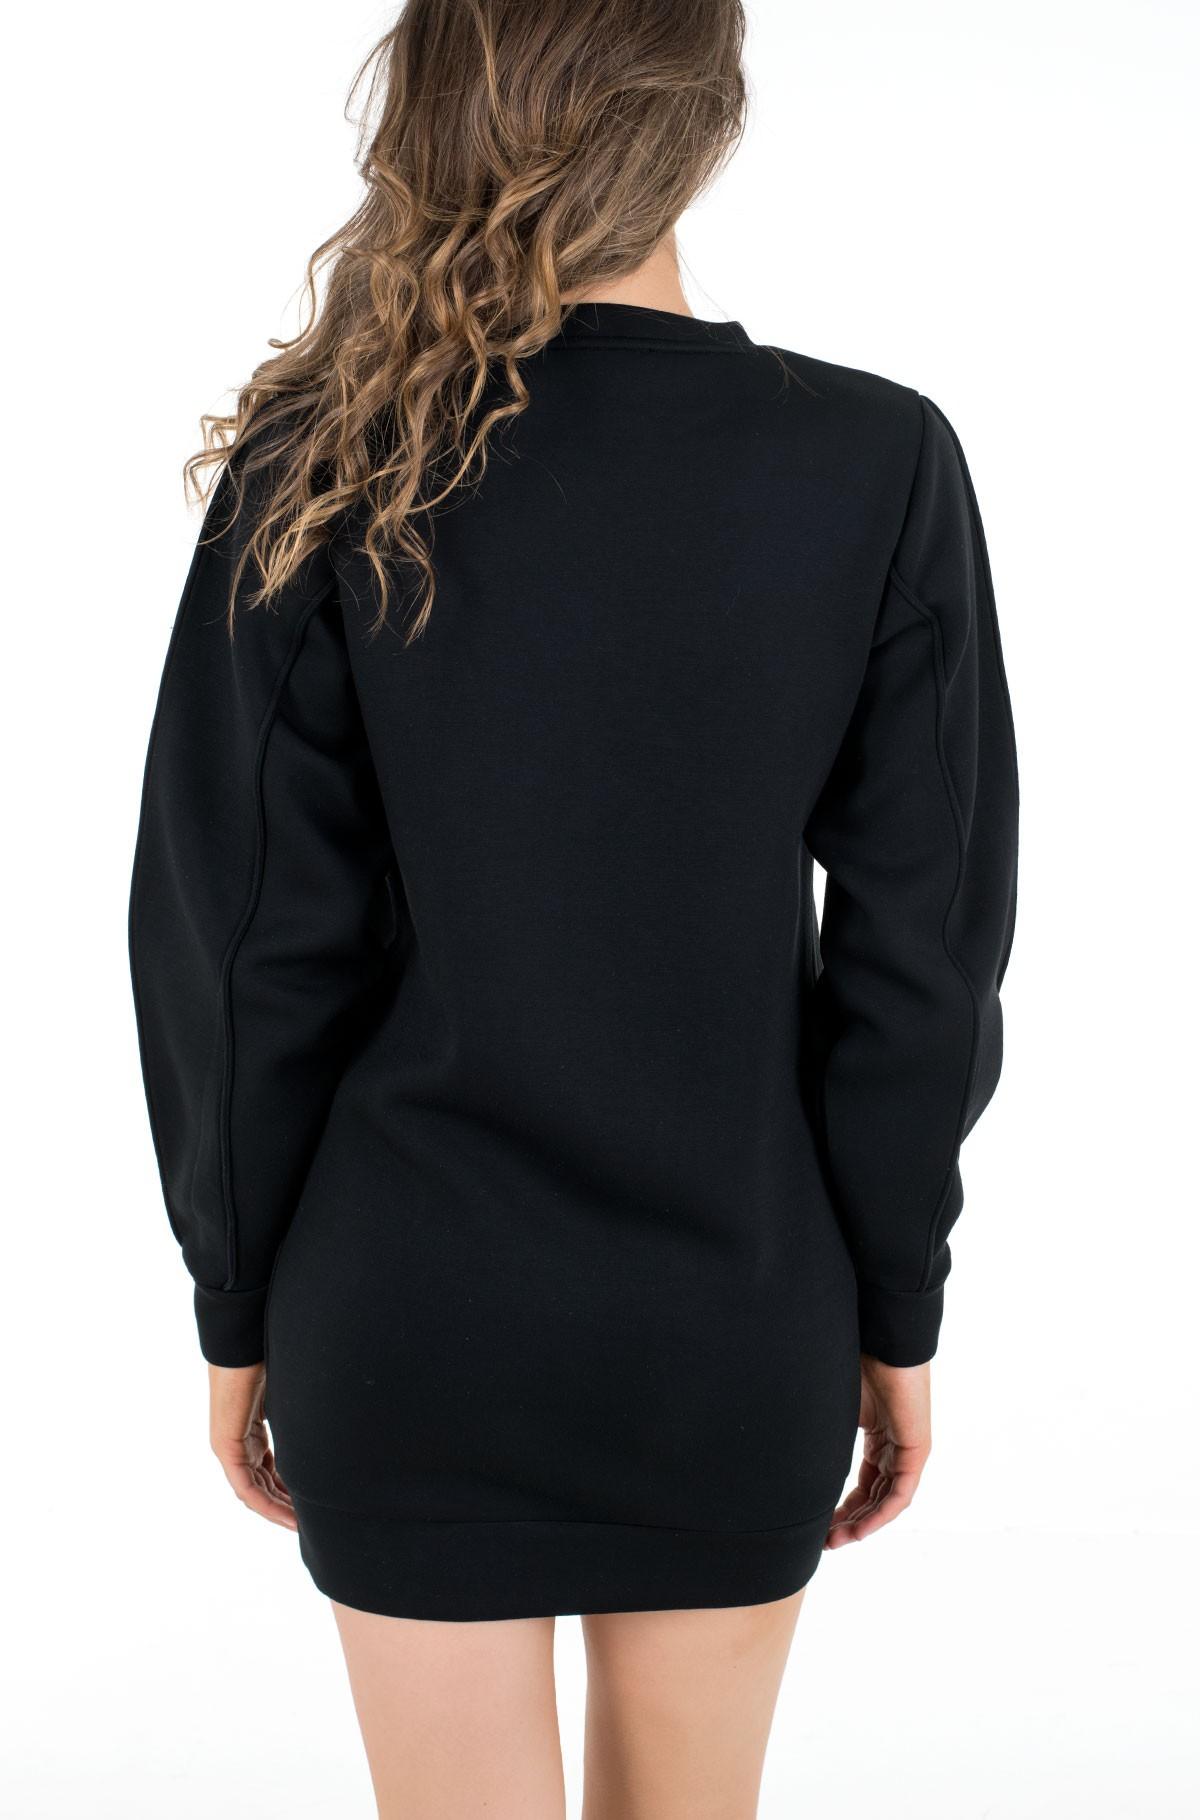 Sweatshirt dress W1RK00 K7UW2-full-3